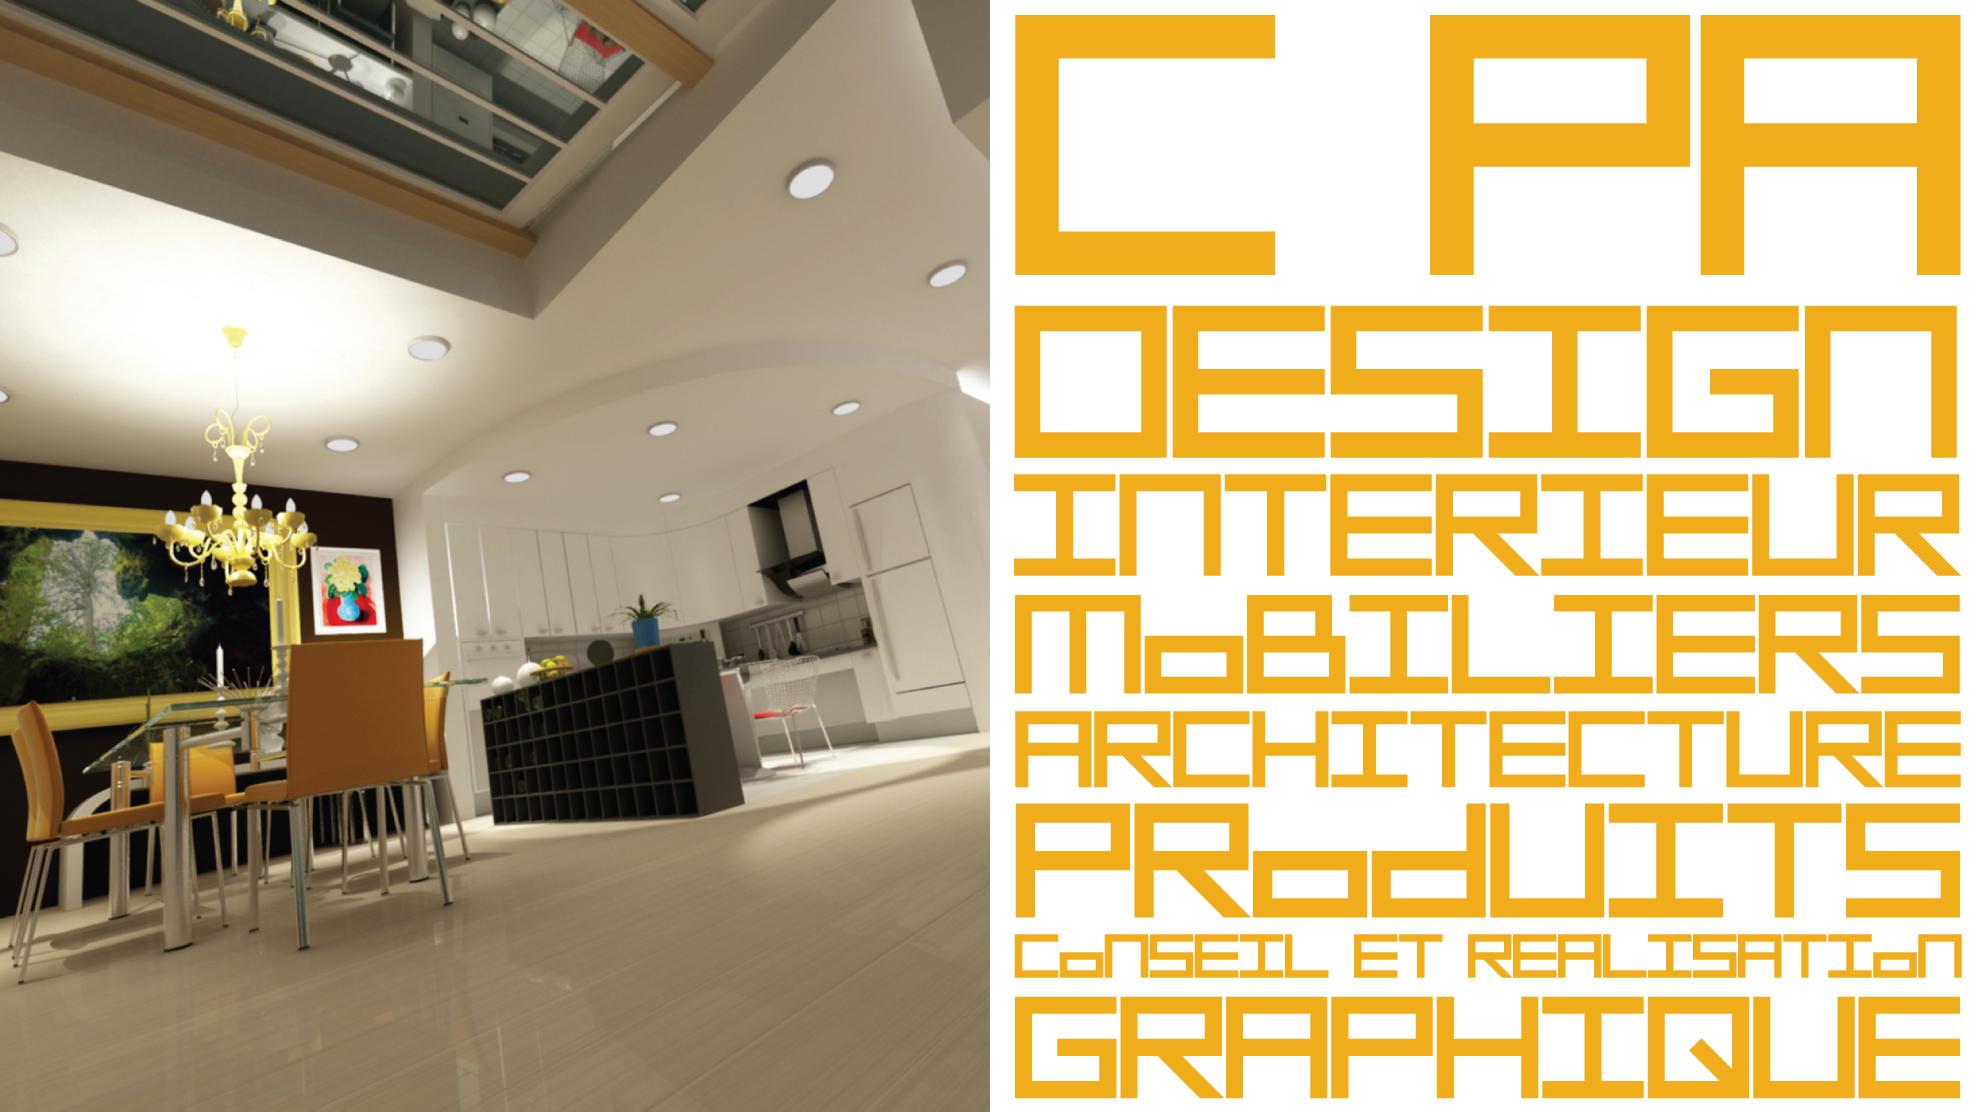 c_pa_design_produit_design_mobilier_realisation_conception_prototype_4